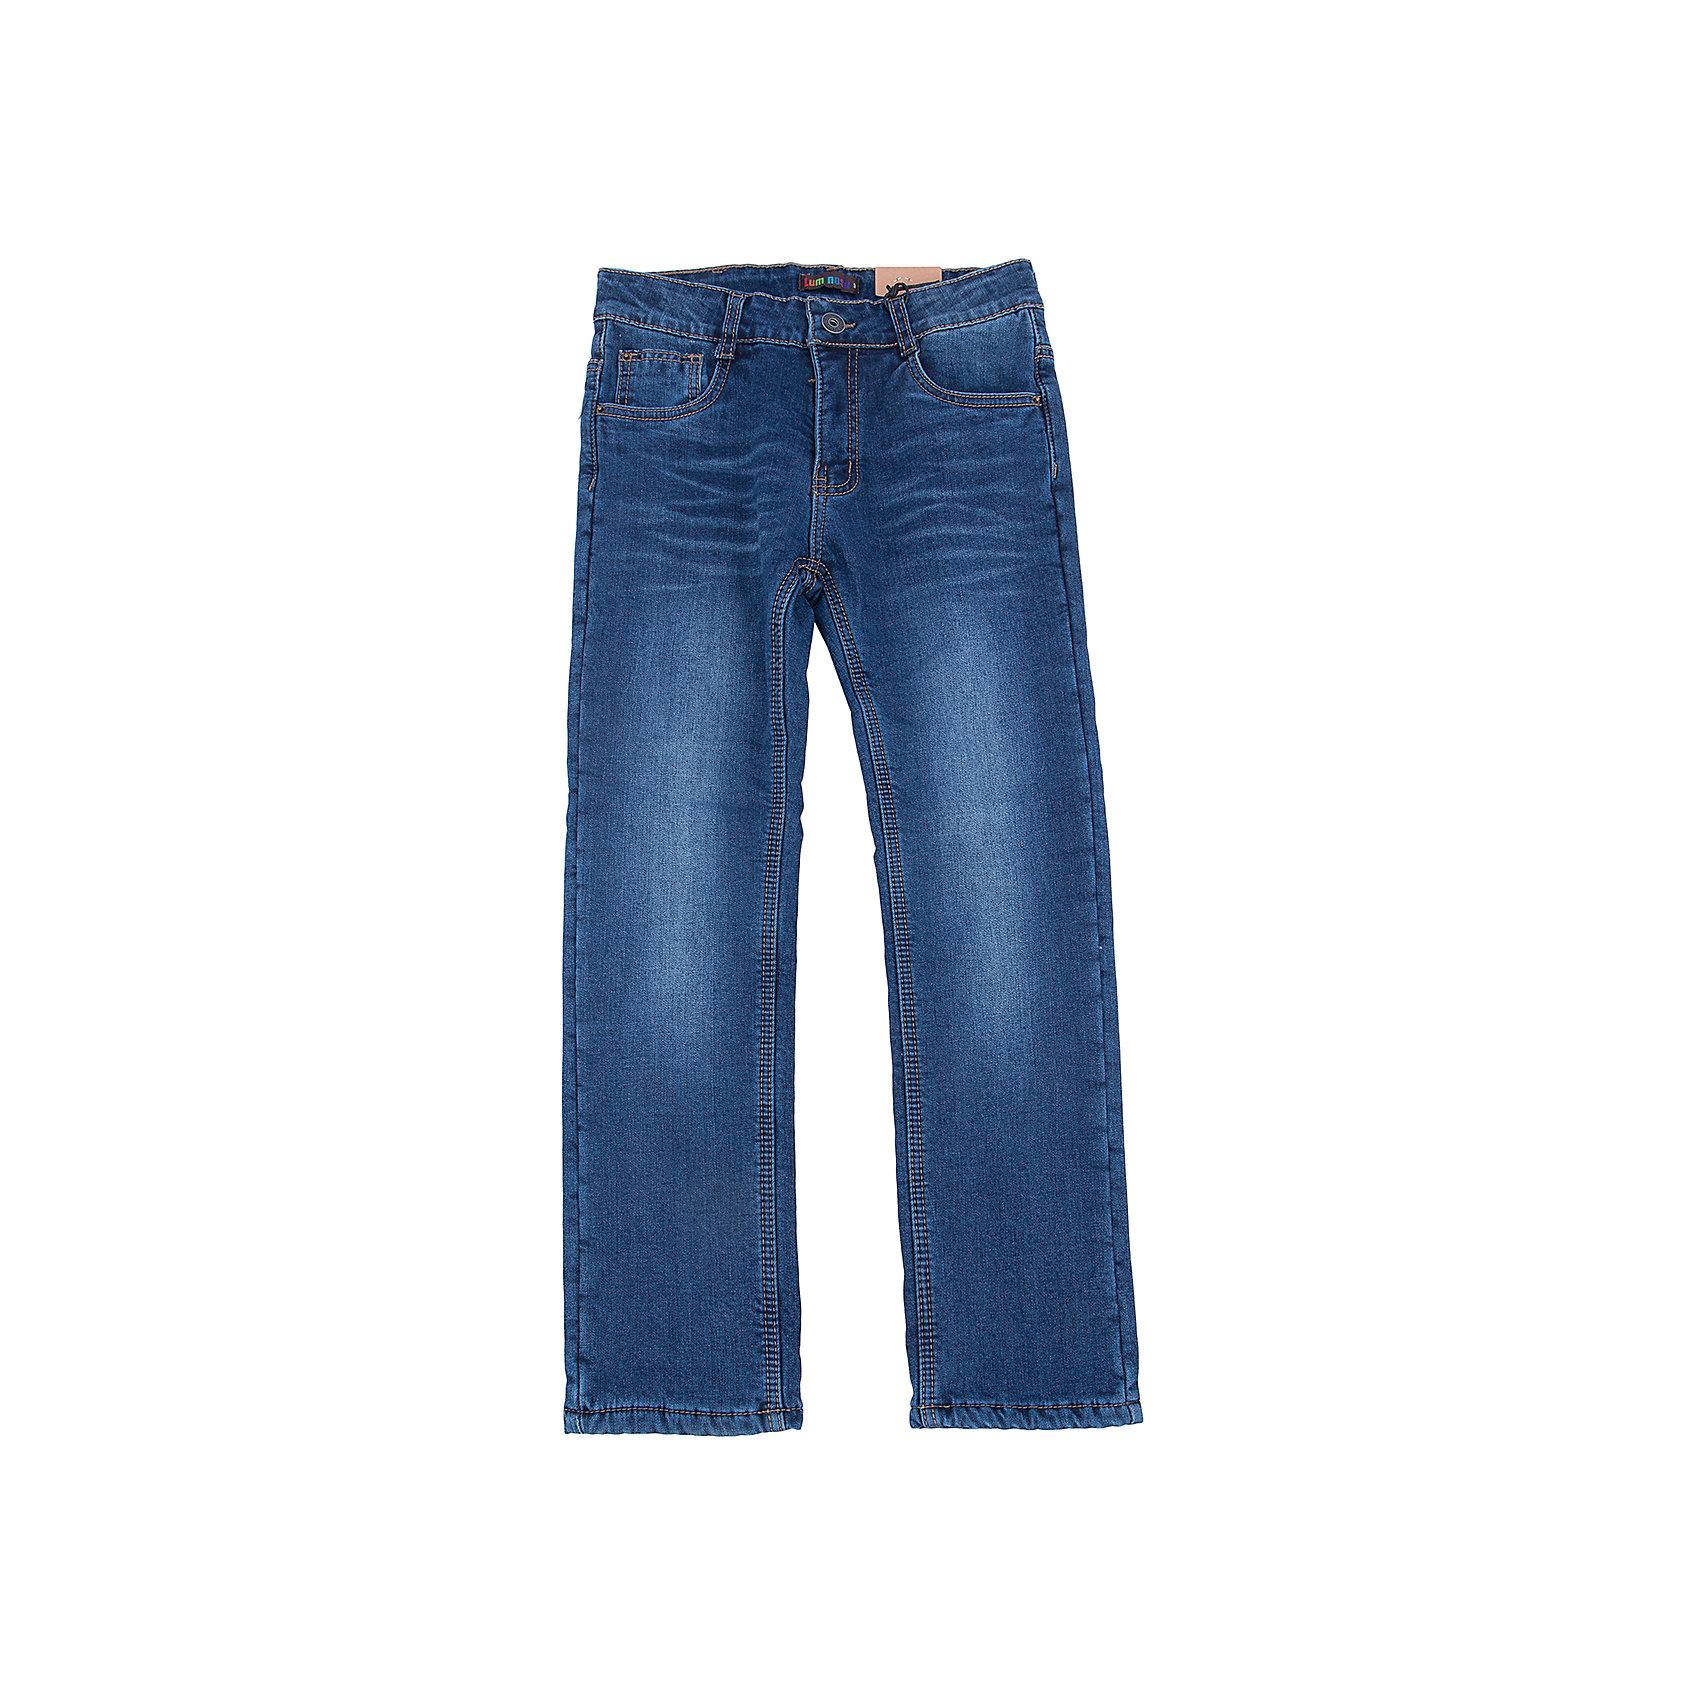 Джинсы для мальчика LuminosoХарактеристики товара:<br><br>- цвет: синий;<br>- материал: 100% хлопок, подкладка - 100% полиэстер флис;<br>- застежка: пуговица и молния;<br>- пояс регулируется внутренней резинкой на пуговицах;<br>- эффект потертостей.<br><br>Стильная одежда от бренда Luminoso (Люминосо), созданная при участии итальянских дизайнеров, учитывает потребности подростков и последние веяния моды. Она удобная и модная.<br>Эти утепленные джинсы выглядят стильно, но при этом подходят для ежедневного ношения. Они хорошо сидят на ребенке, обеспечивают комфорт и отлично сочетаются с одежной разных стилей. Модель отличается высоким качеством материала и продуманным дизайном. Натуральный хлопок в составе изделия делает его дышащим, приятным на ощупь и гипоаллергеным.<br><br>Джинсы для мальчика от бренда Luminoso (Люминосо) можно купить в нашем интернет-магазине.<br><br>Ширина мм: 215<br>Глубина мм: 88<br>Высота мм: 191<br>Вес г: 336<br>Цвет: синий<br>Возраст от месяцев: 120<br>Возраст до месяцев: 132<br>Пол: Мужской<br>Возраст: Детский<br>Размер: 146,134,164,158,152,140<br>SKU: 4930991